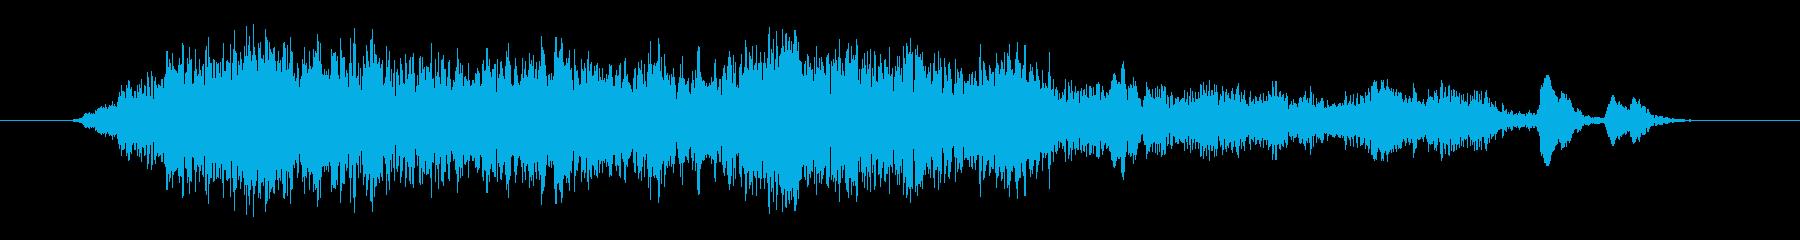 群集 チアハッピーショート04の再生済みの波形